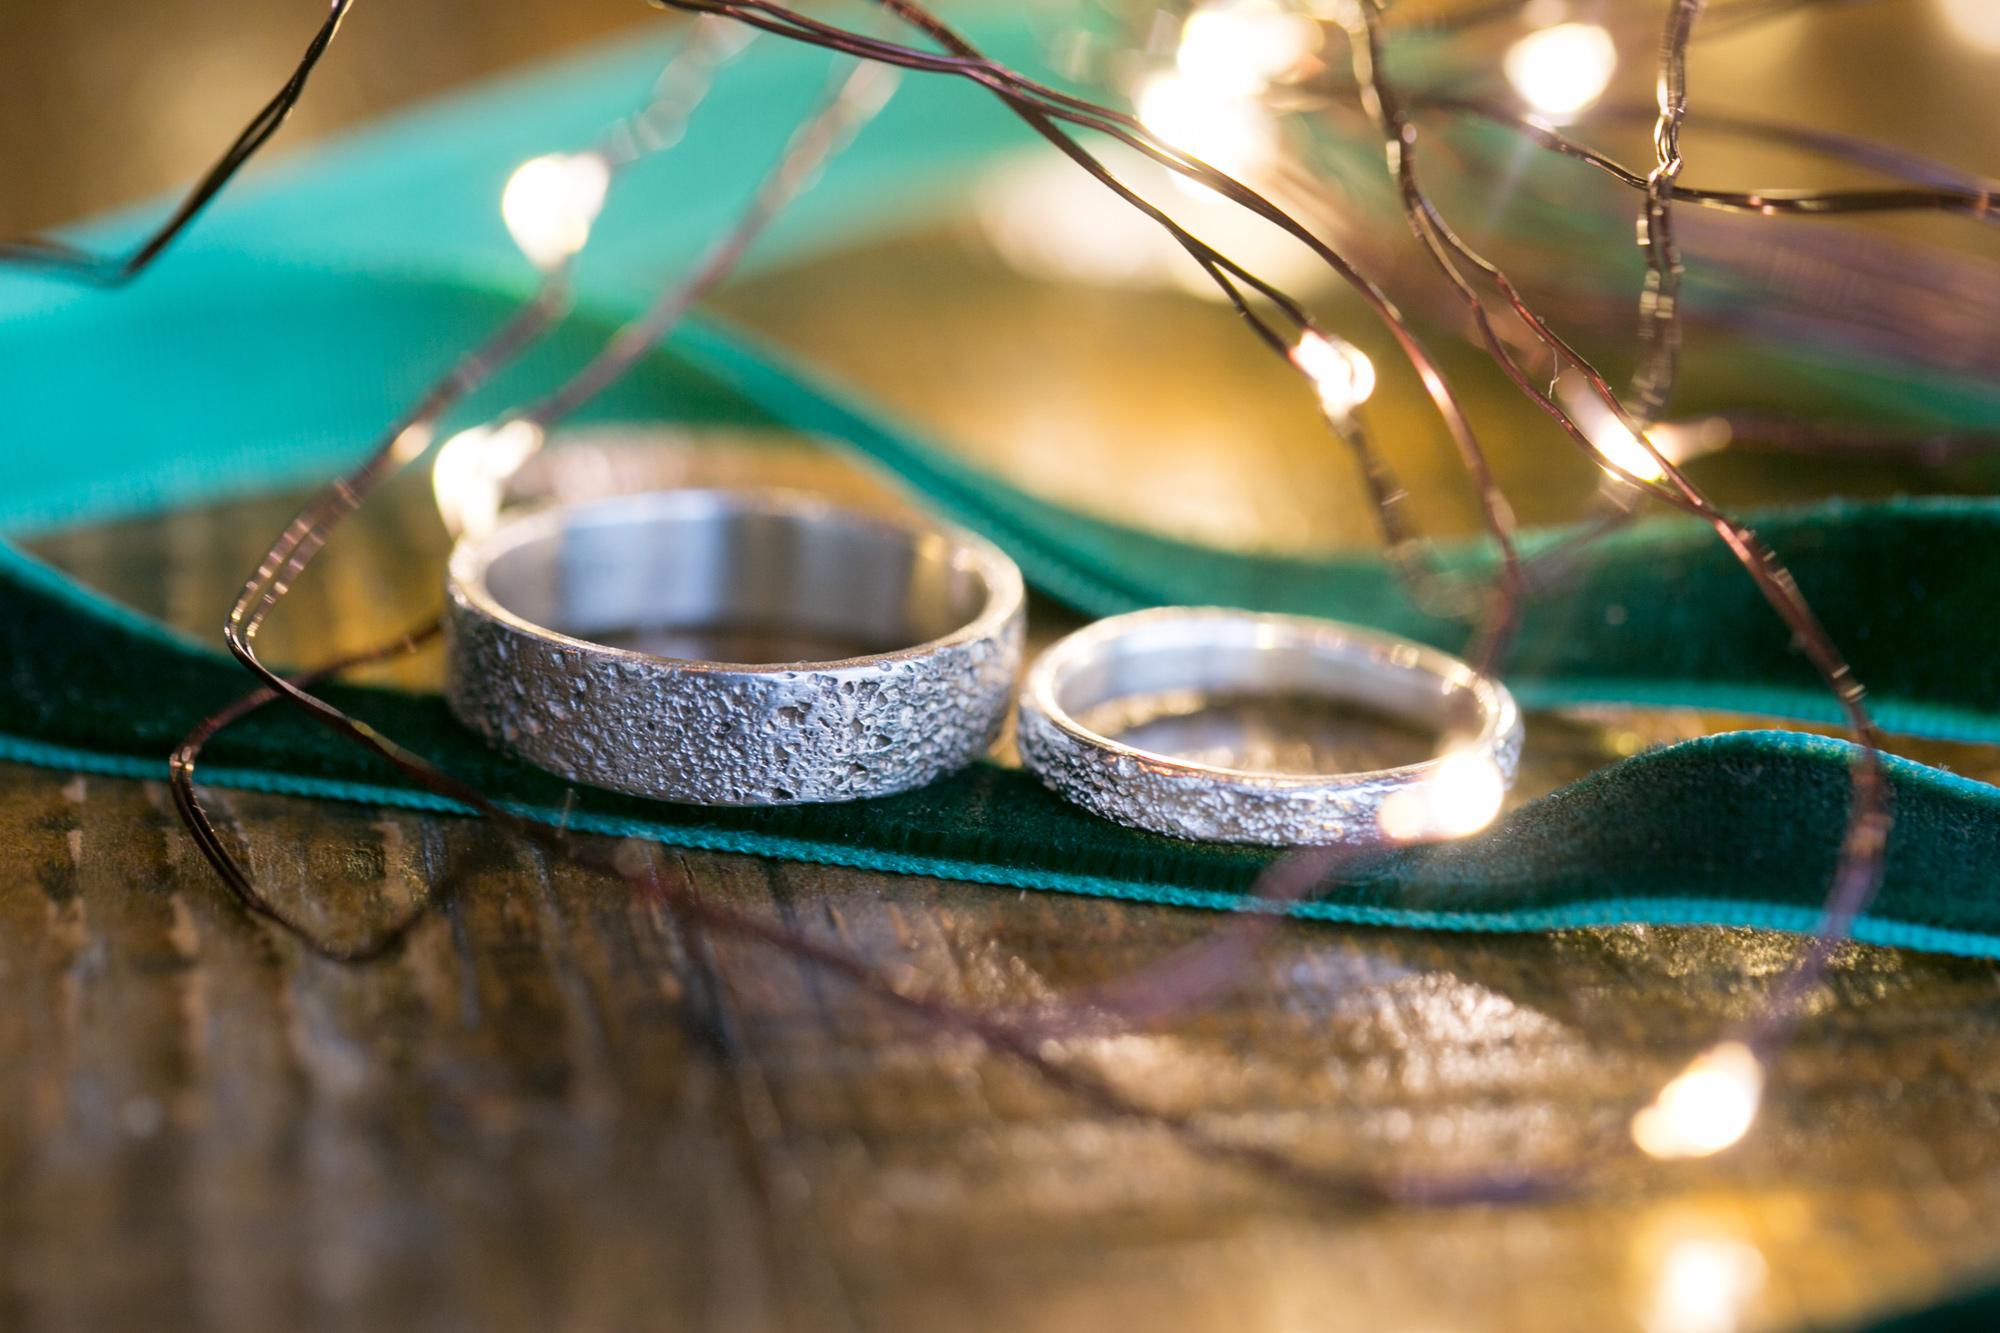 302-locusart-wedding-bands-.jpg